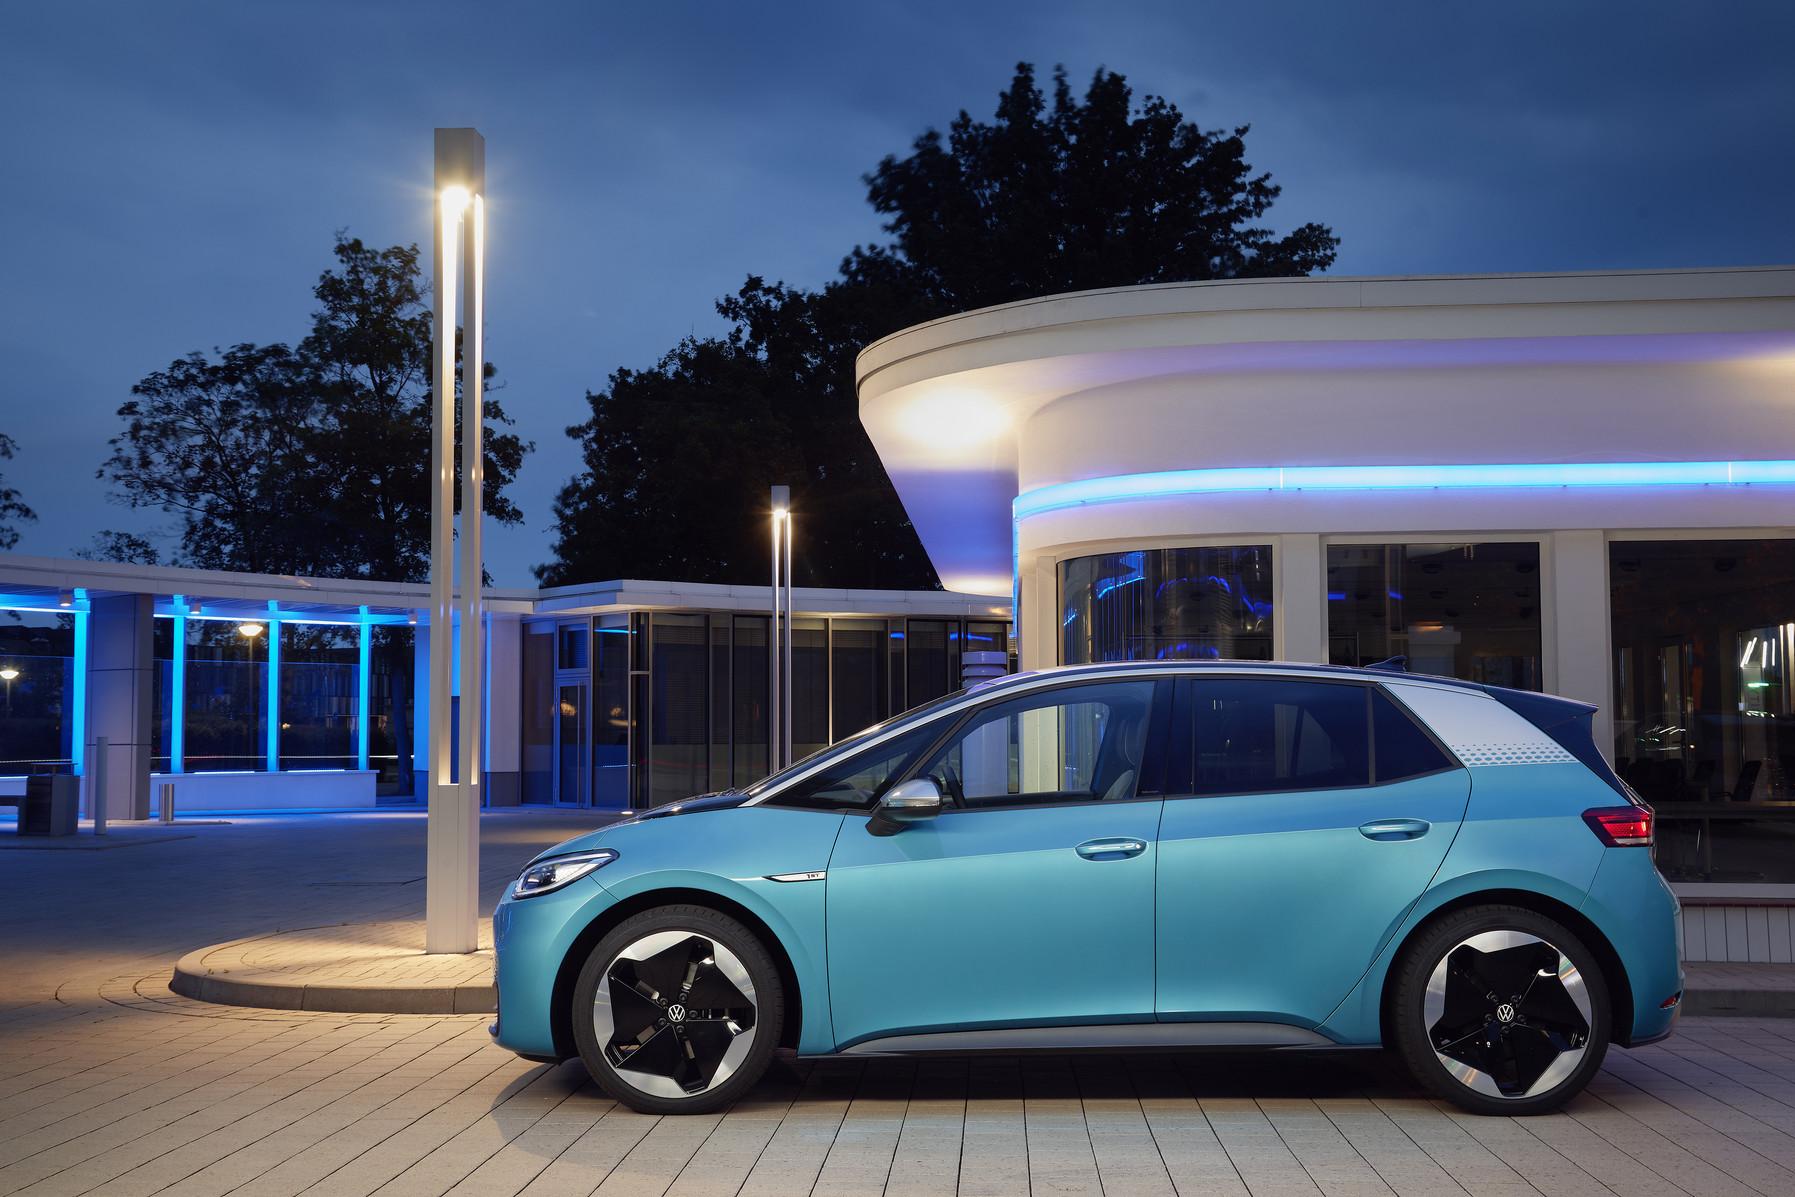 VW ID3 Electric Car